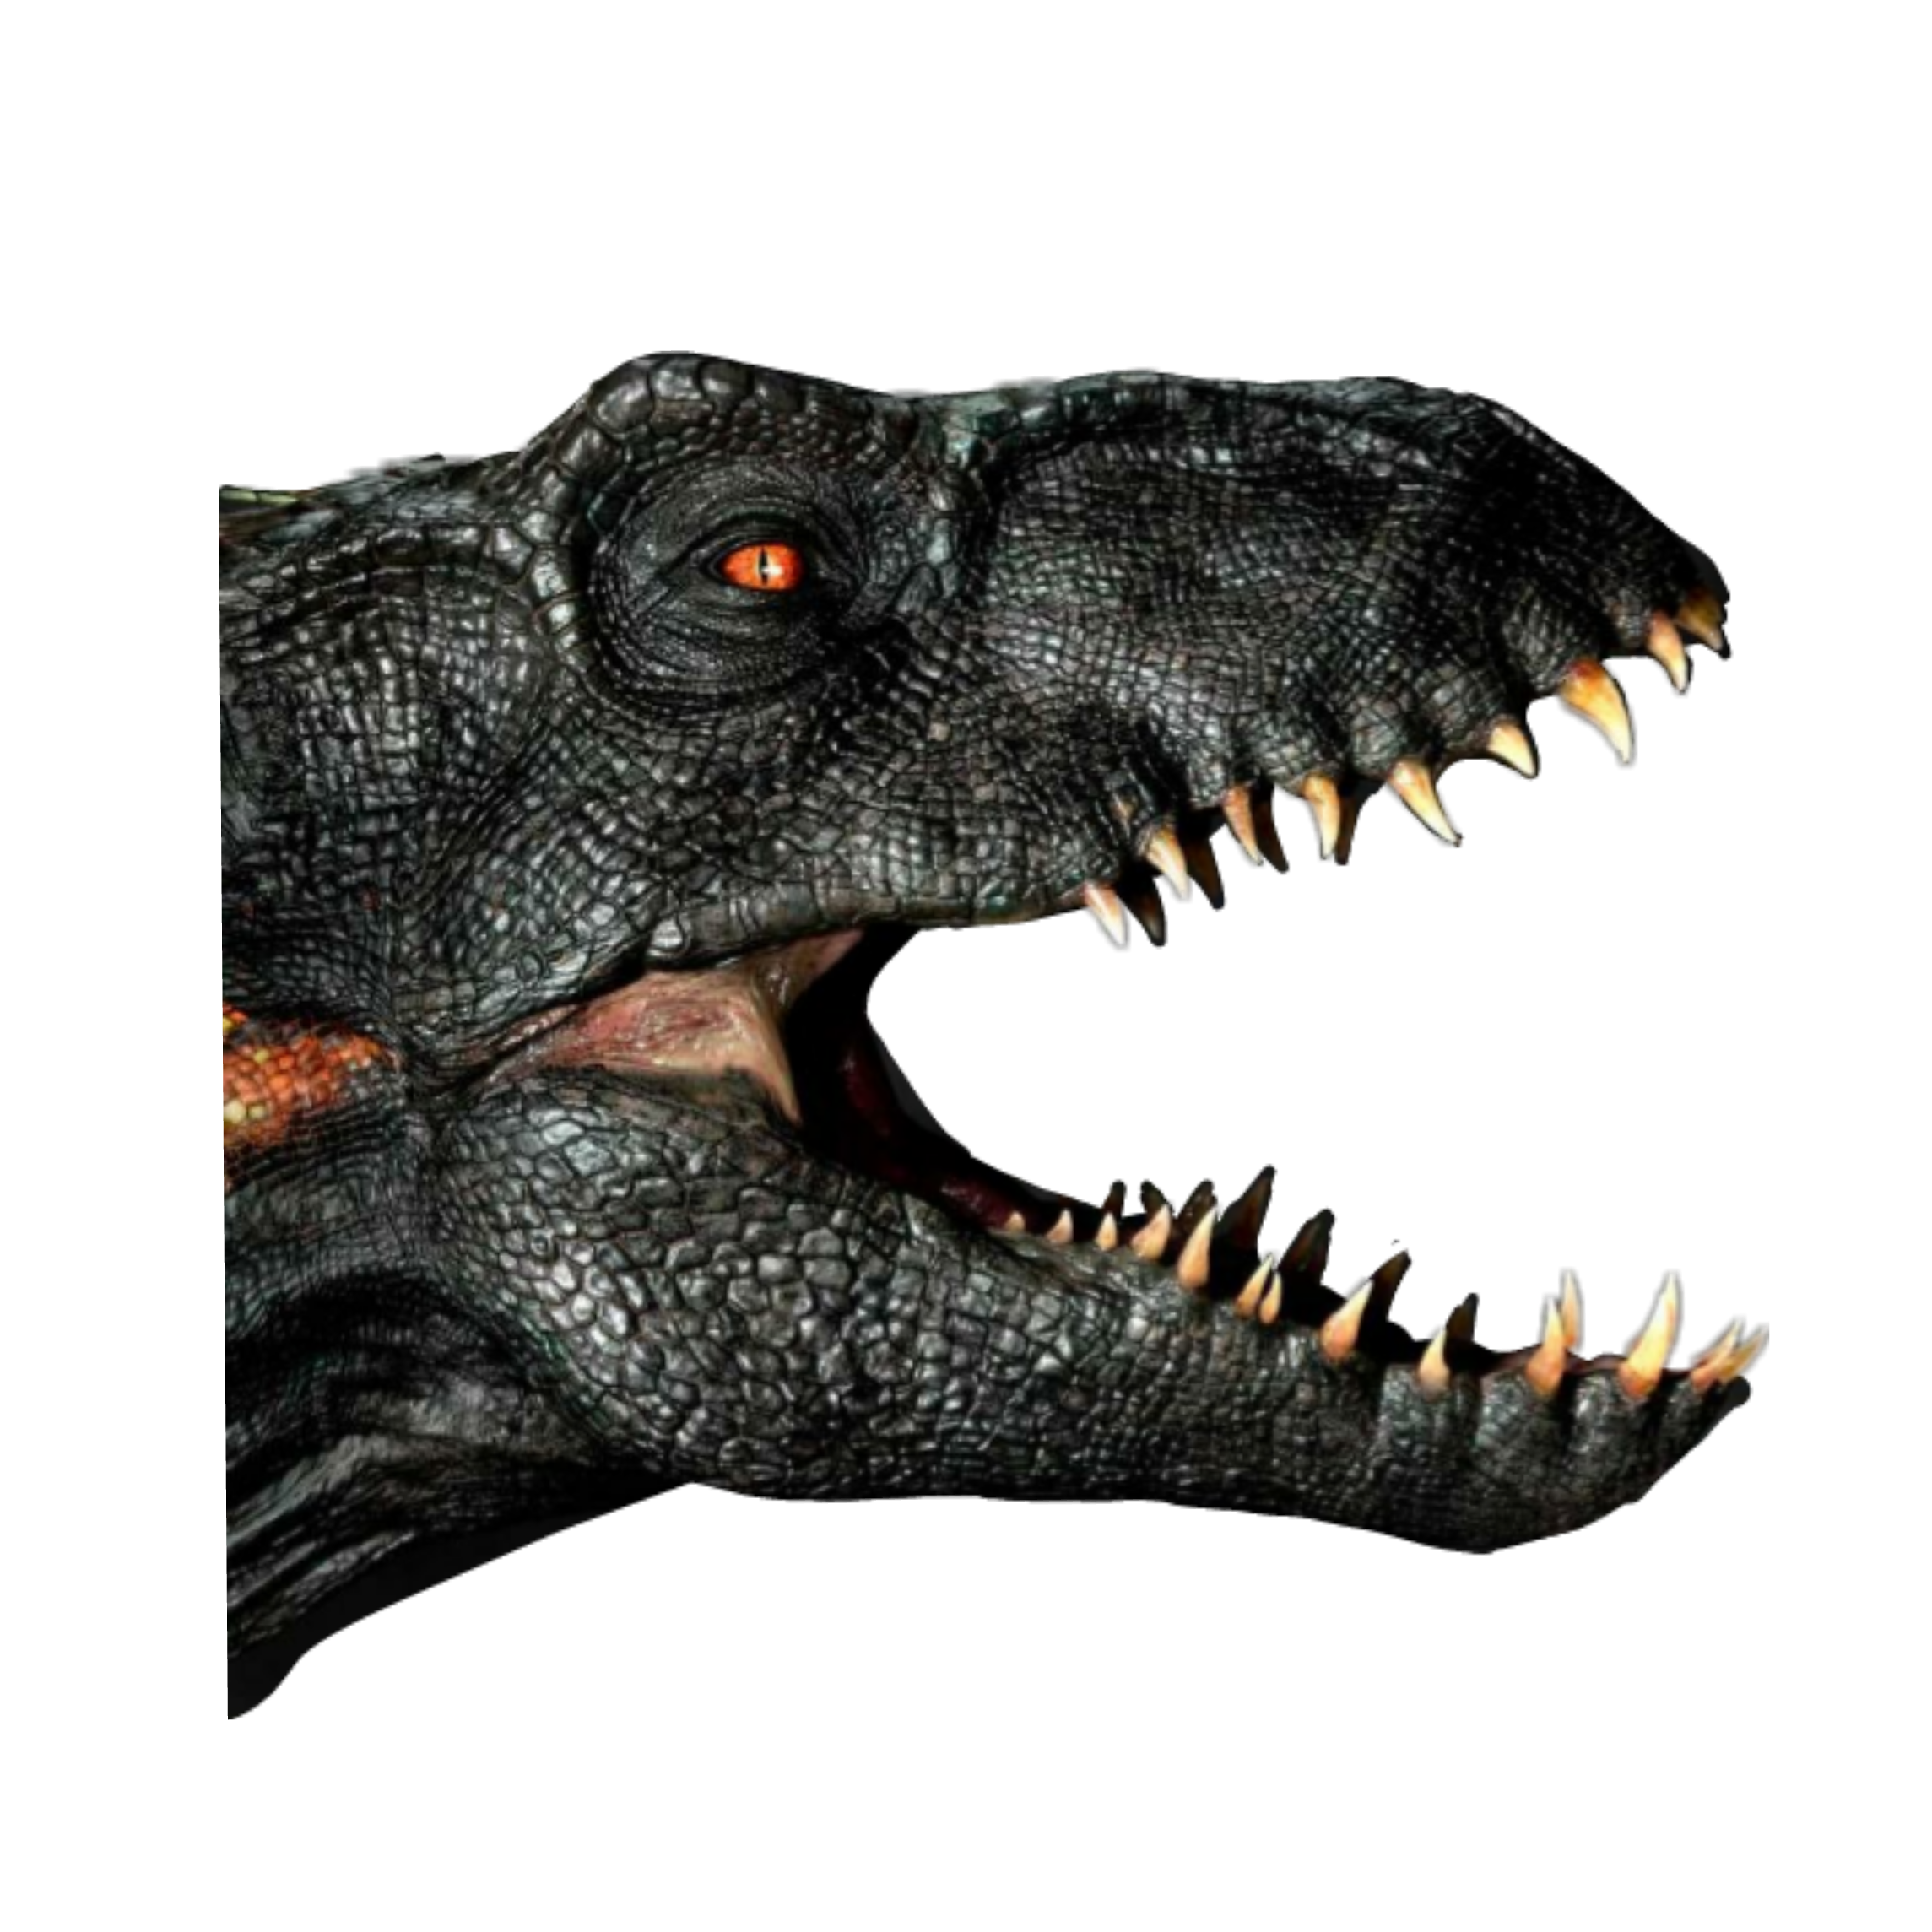 jurassicworld jurassicworld2 indoraptor dinosaur dinosa